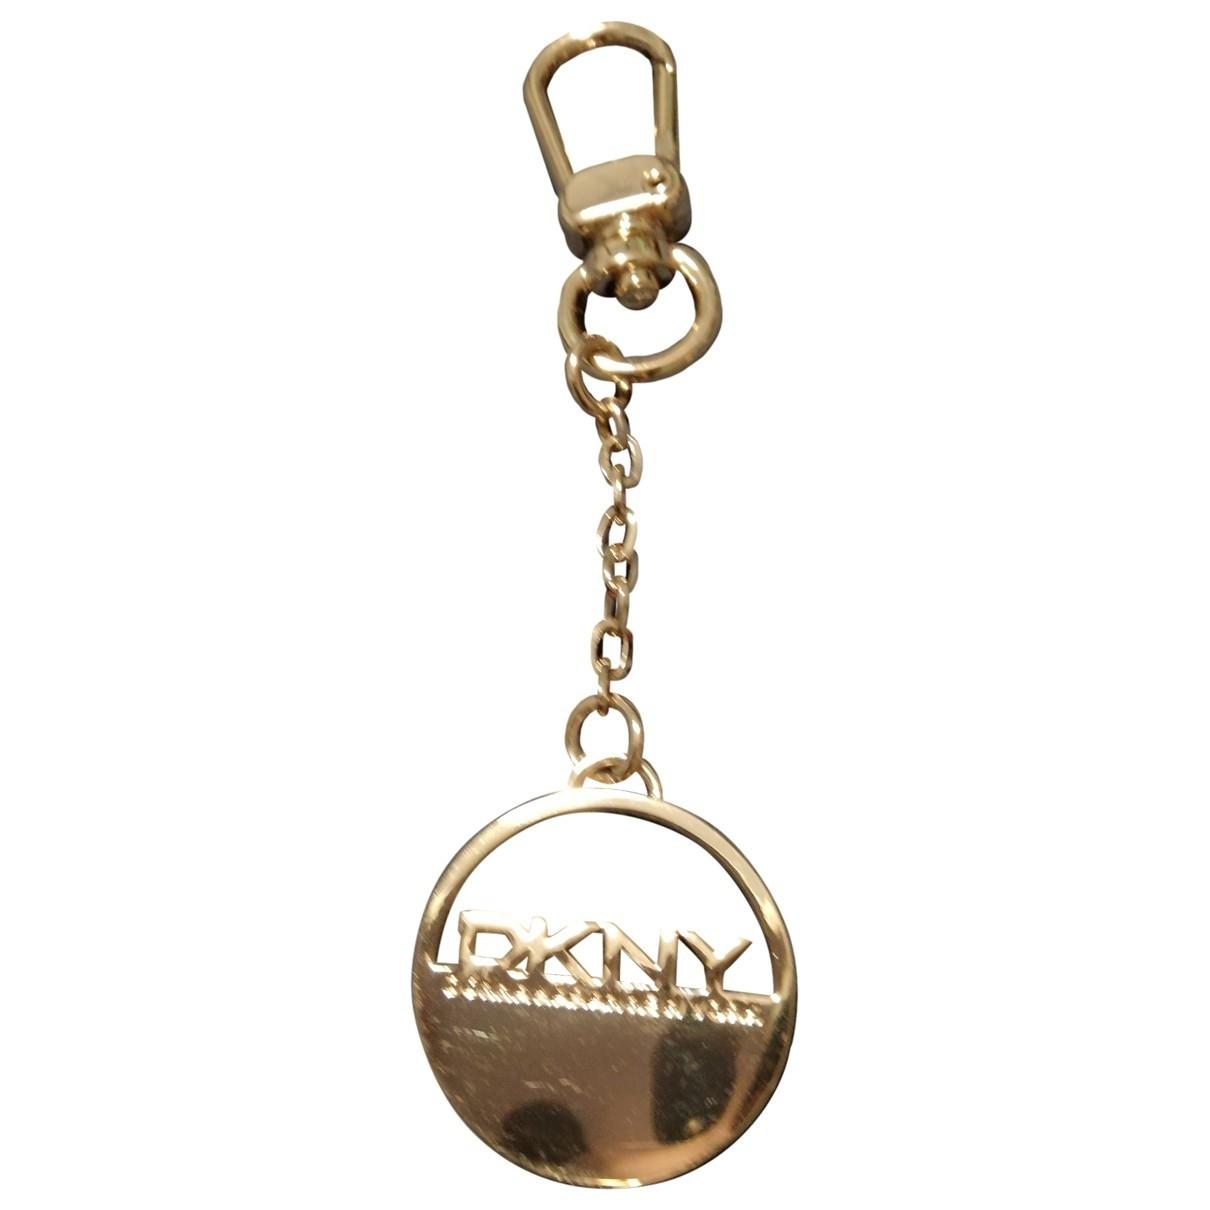 Dkny - Bijoux de sac   pour femme en metal - argente